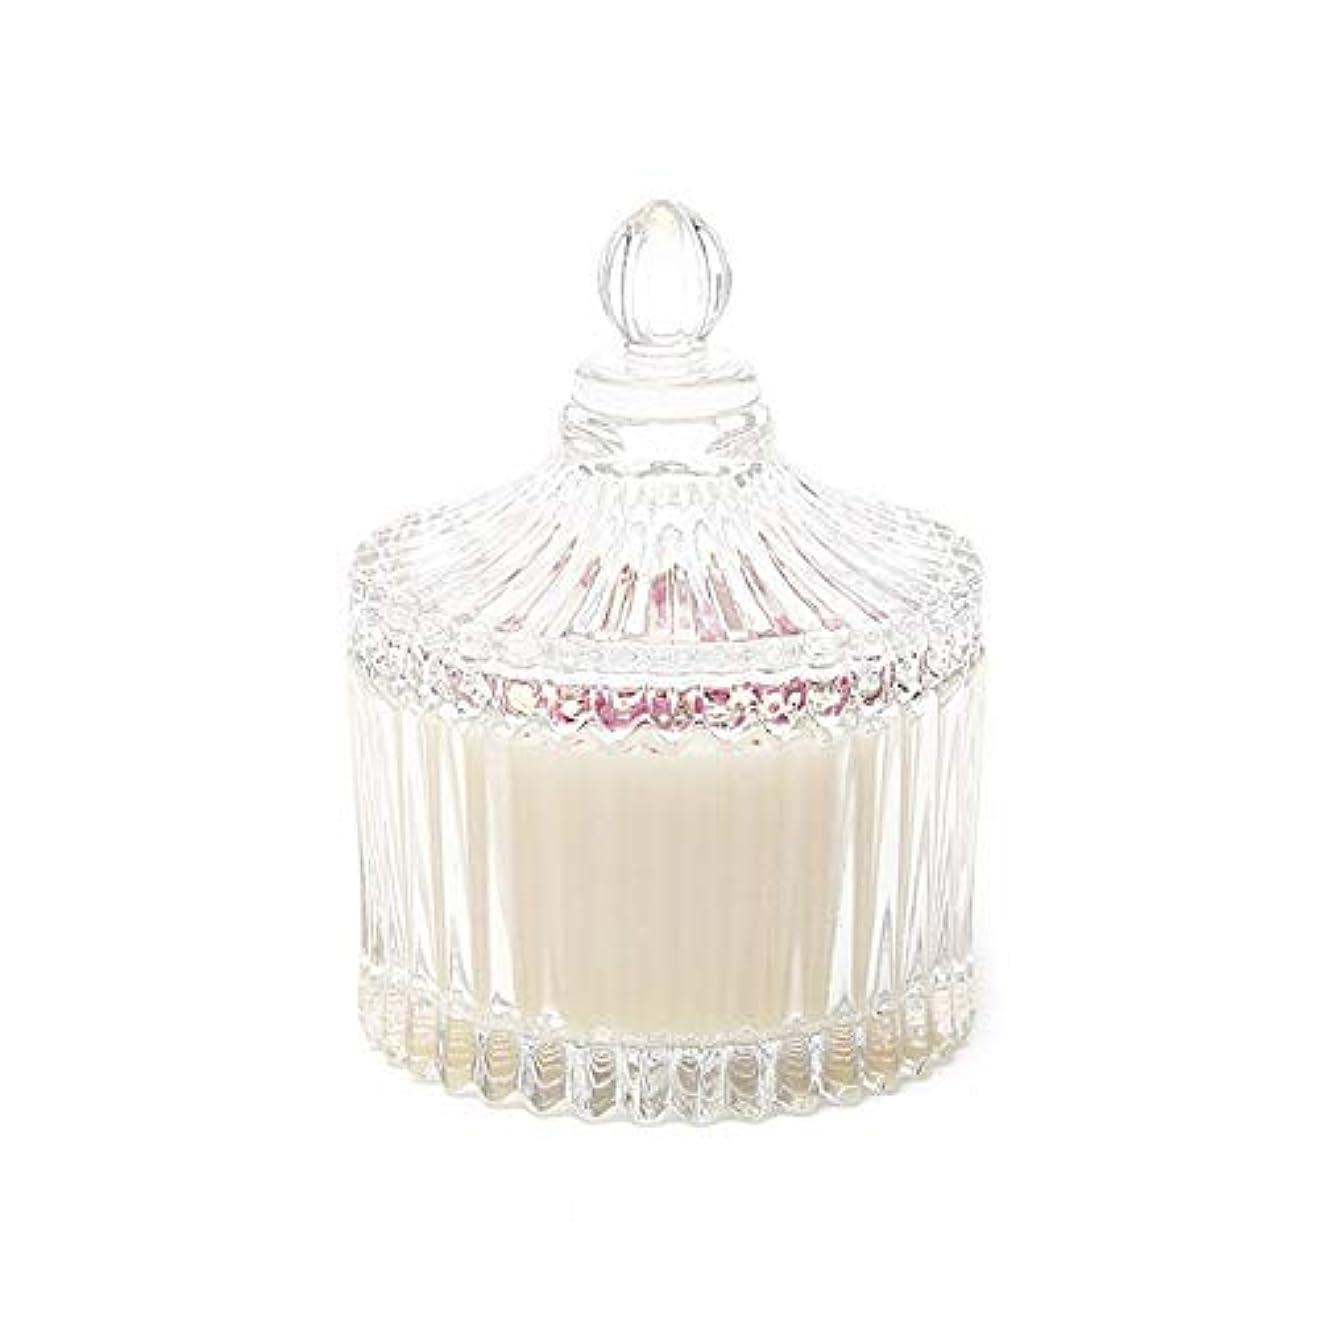 良心的ブリード学部Ztian ピンクの花パオ単純なガラスボトルアロマセラピーガラスカップは無毒で環境に優しい (色 : Blackberries)